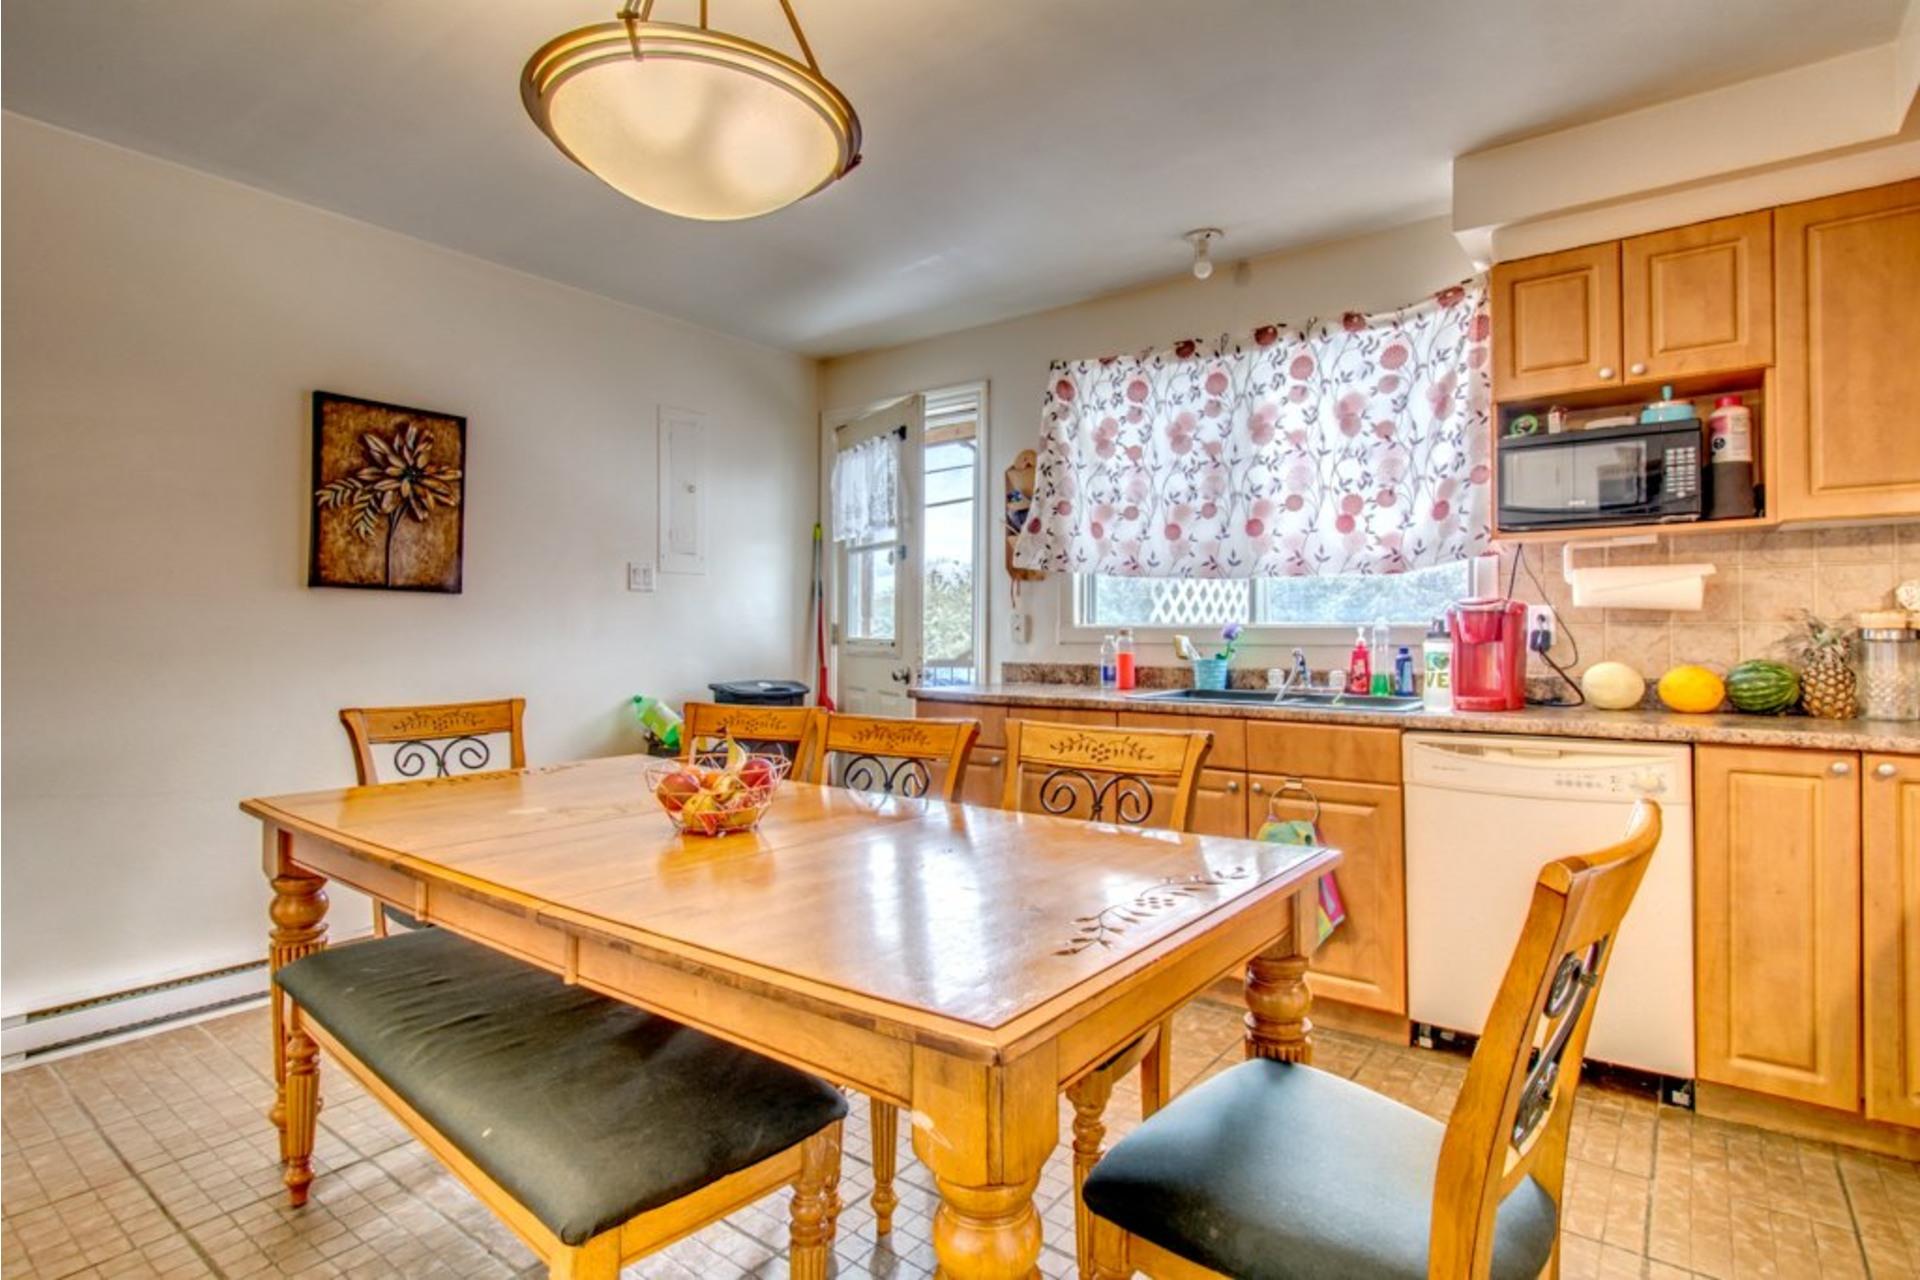 image 2 - Appartement À vendre Sorel-Tracy - 6 pièces